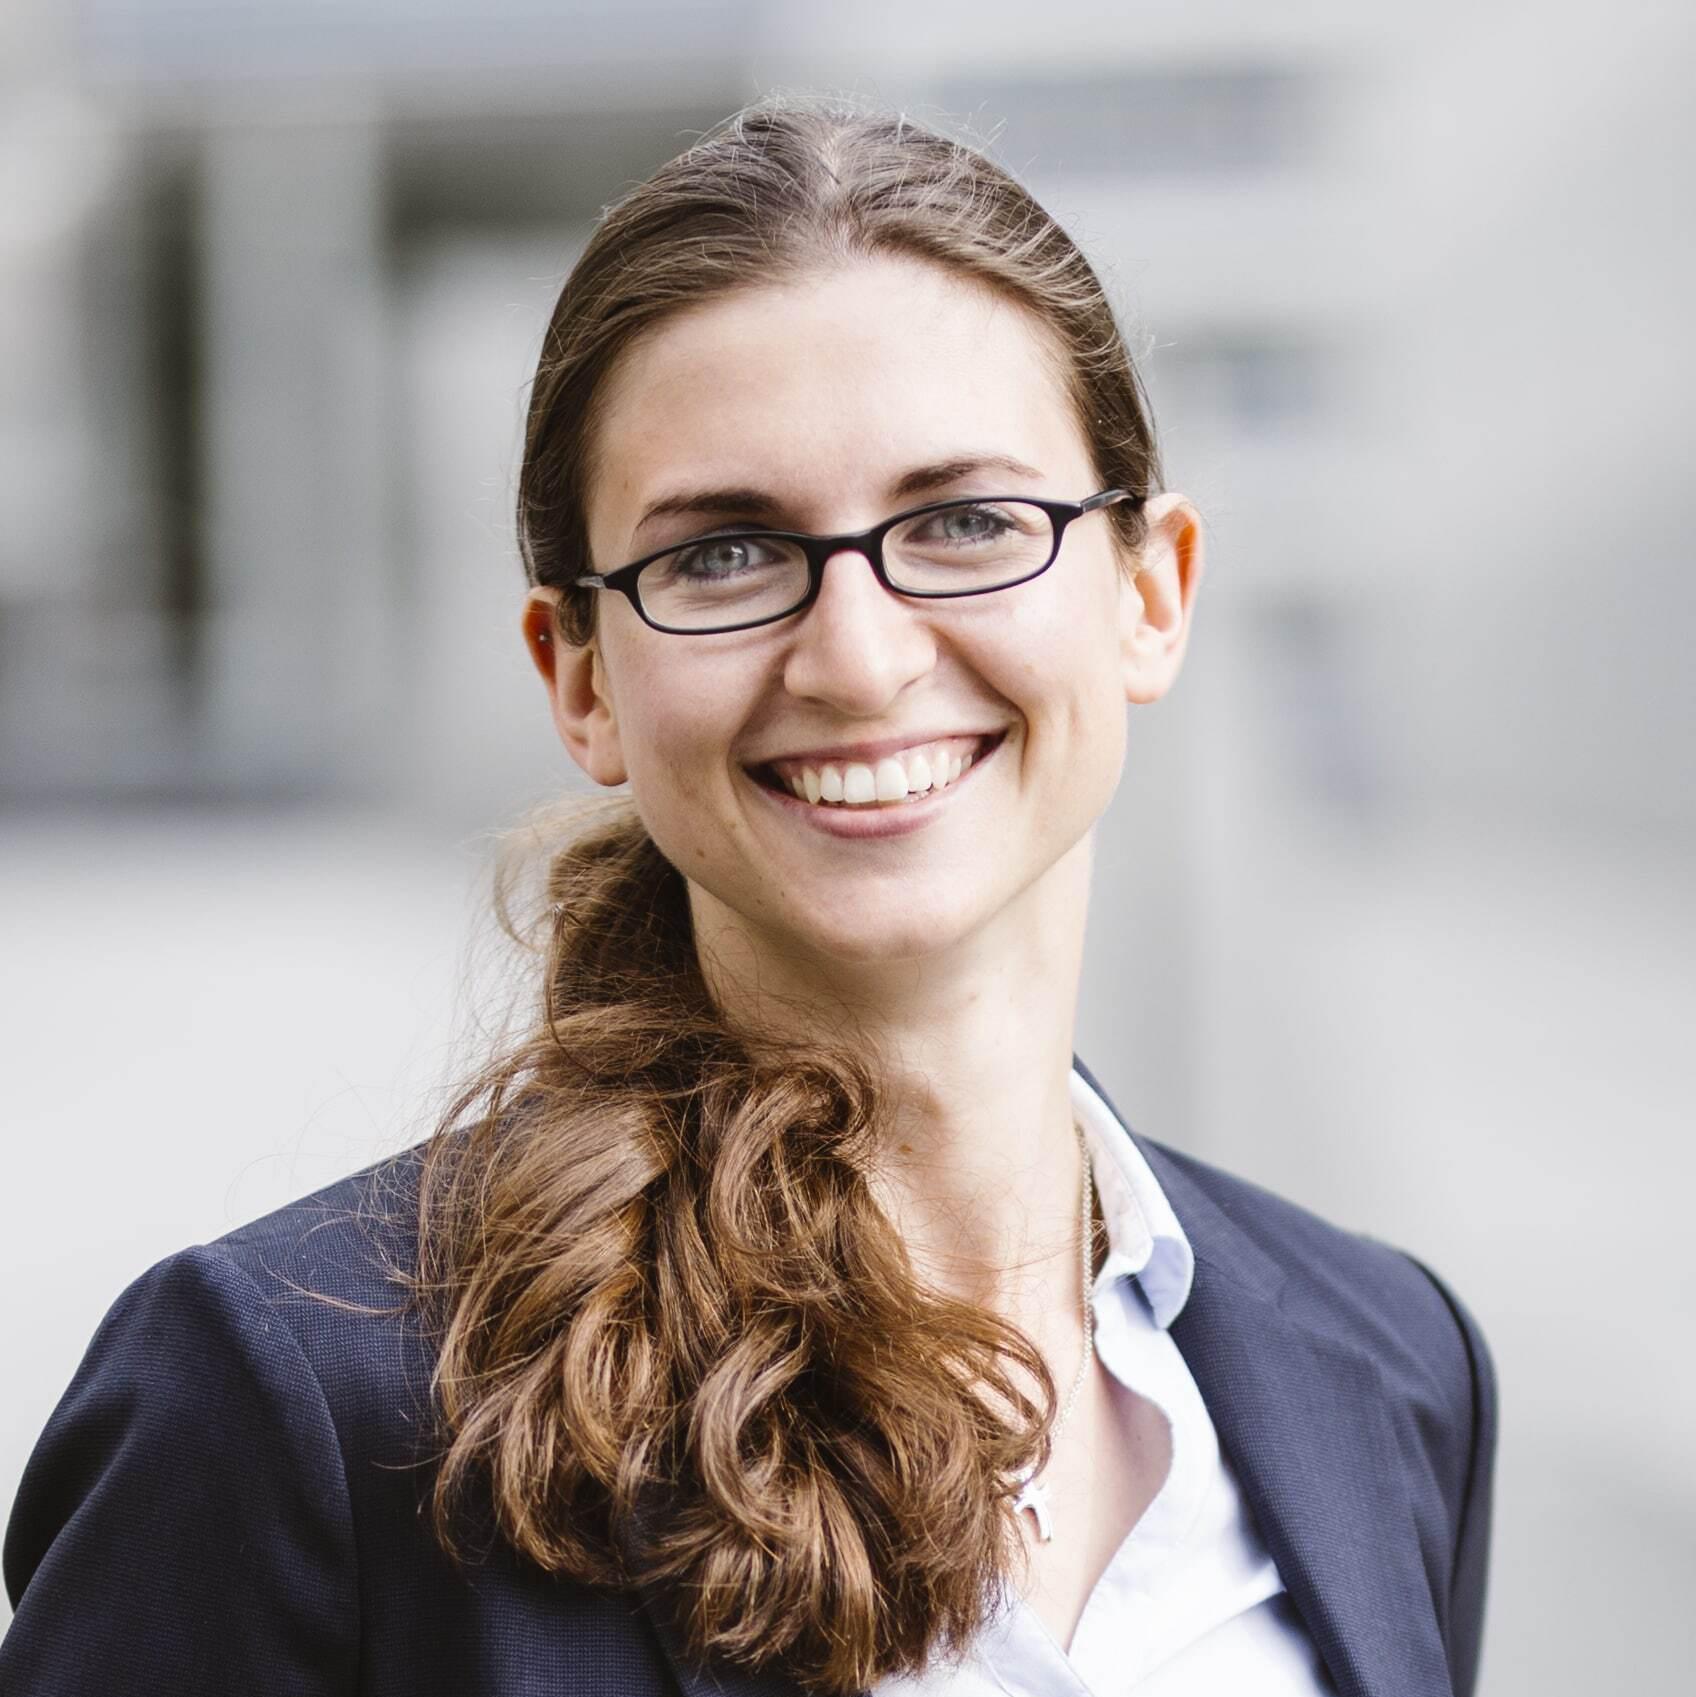 Karina Hagemann